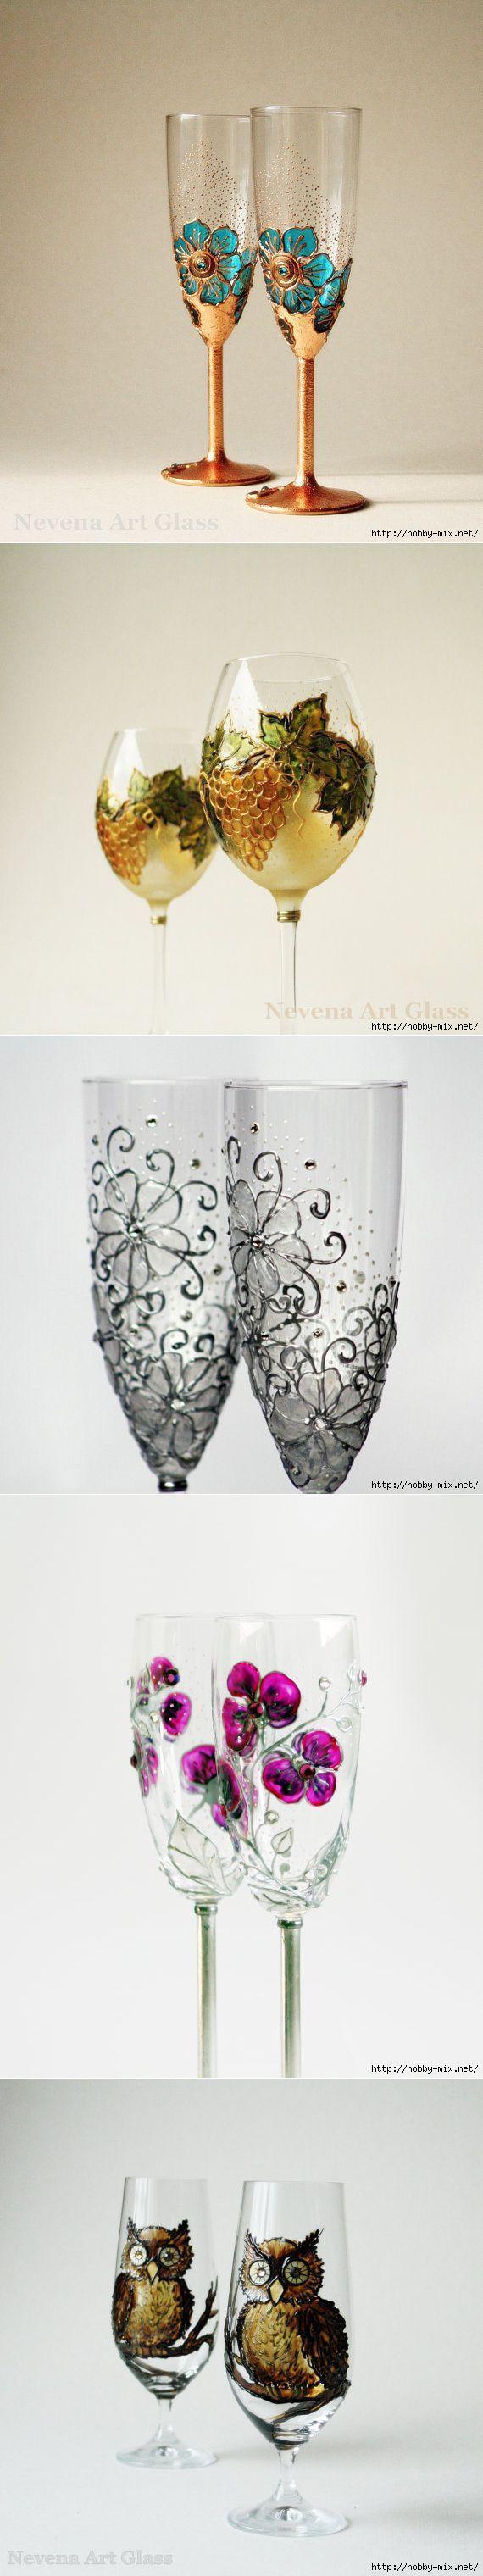 декор бокалов от NevenaArtGlass (Болгария).   Роспись по стеклу   Постила